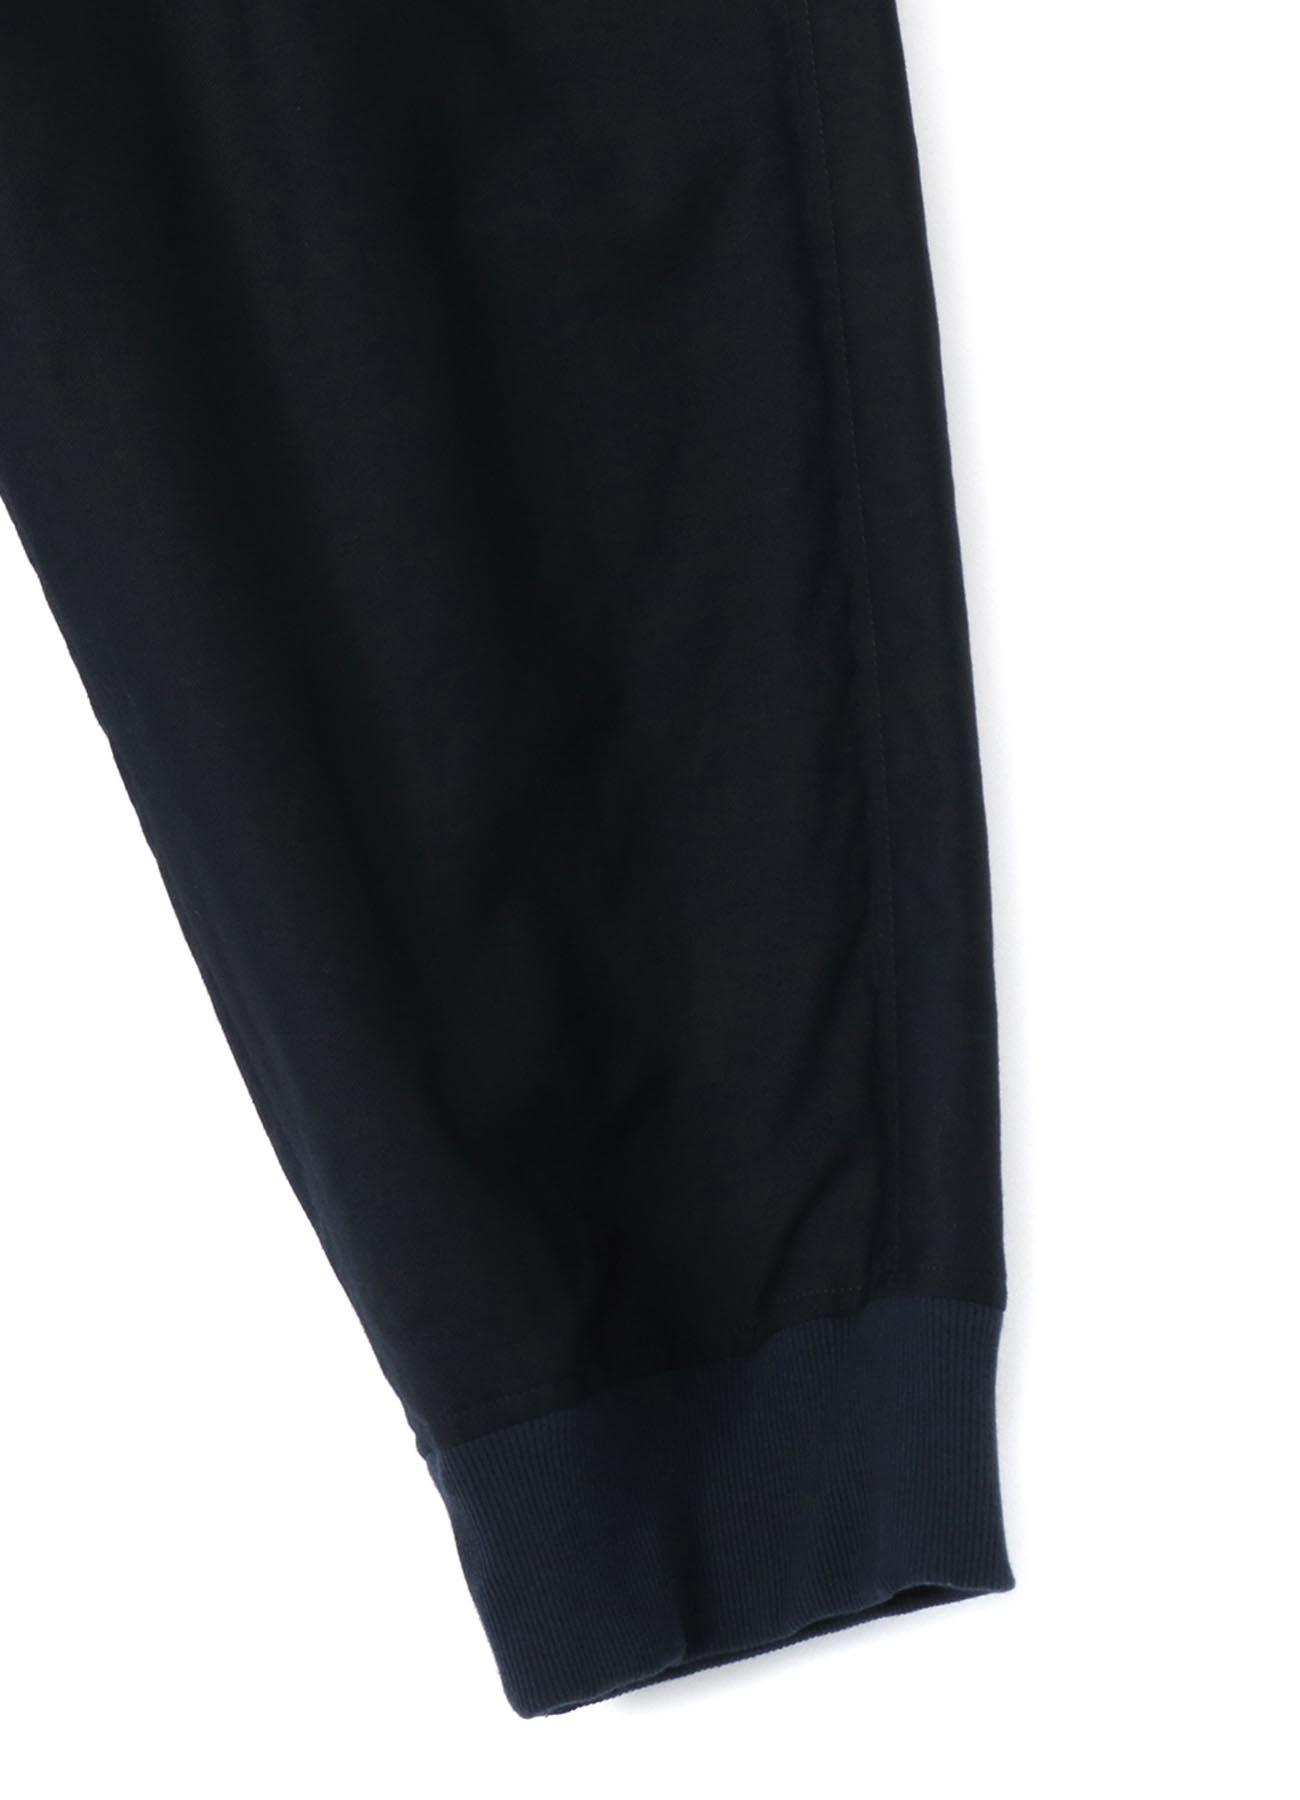 C/TWILL HEM RIB PANTS